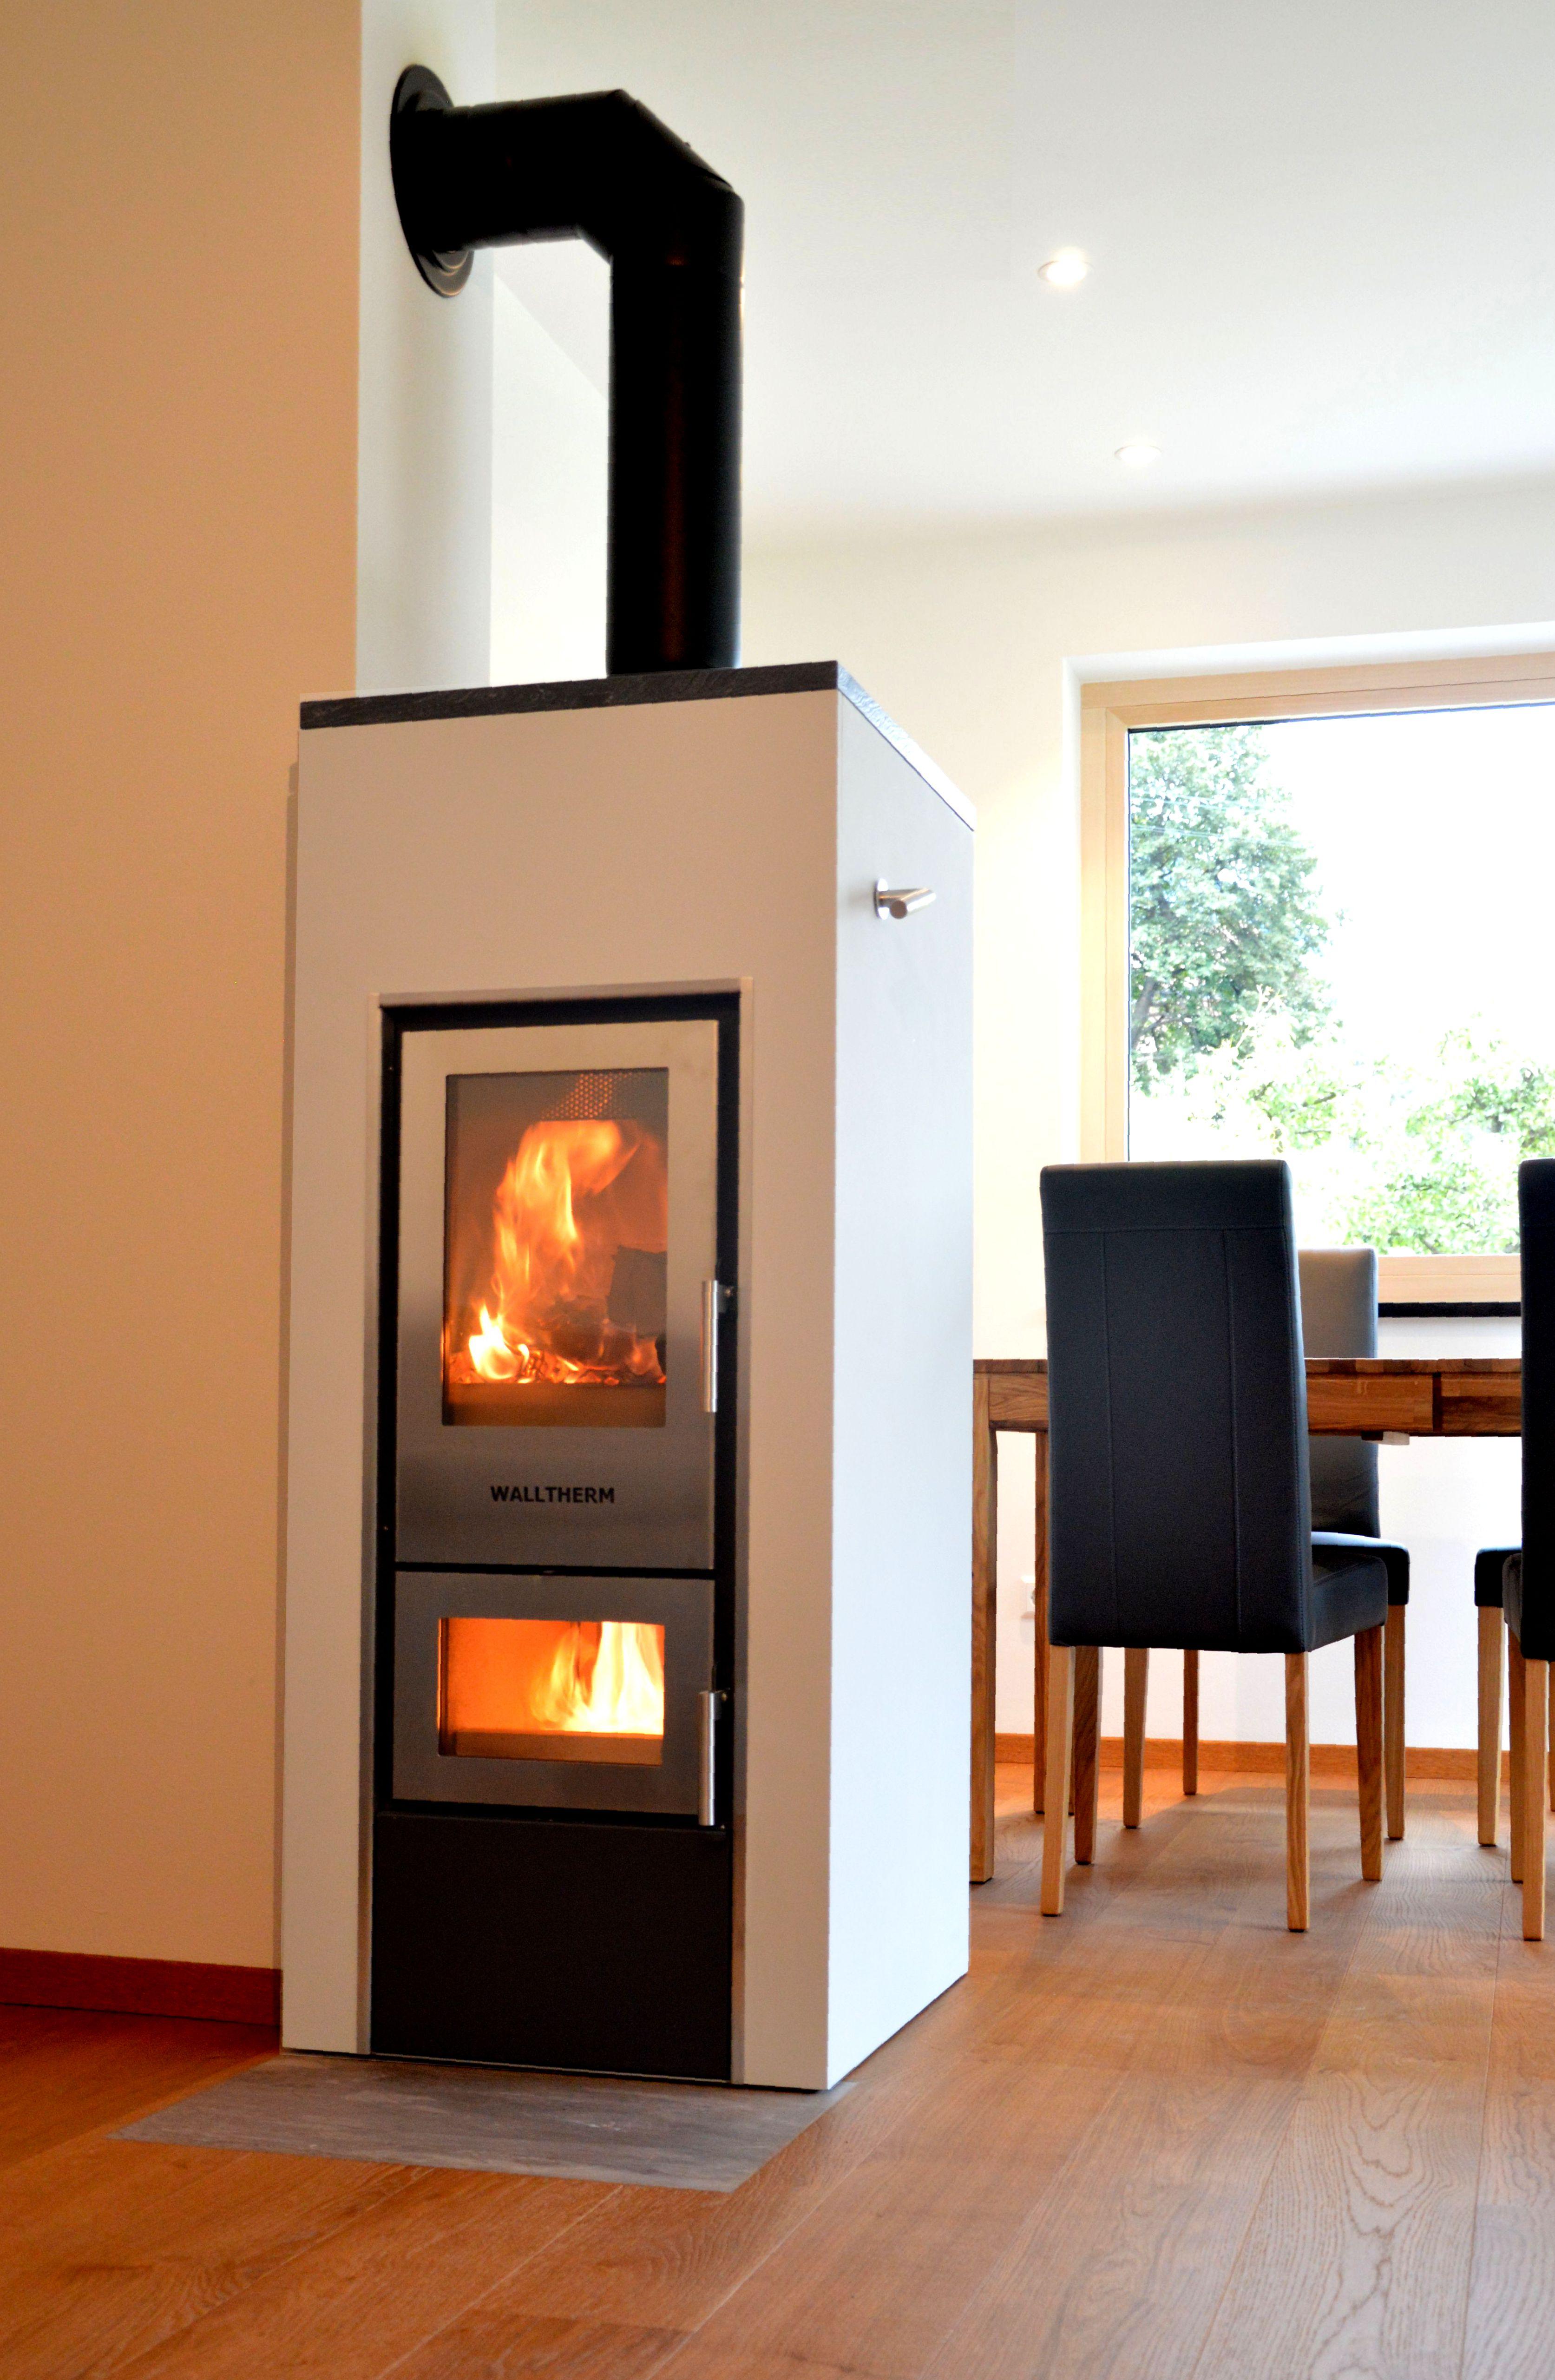 referenzfotos von walltherm wilder kaiser modellen. Black Bedroom Furniture Sets. Home Design Ideas